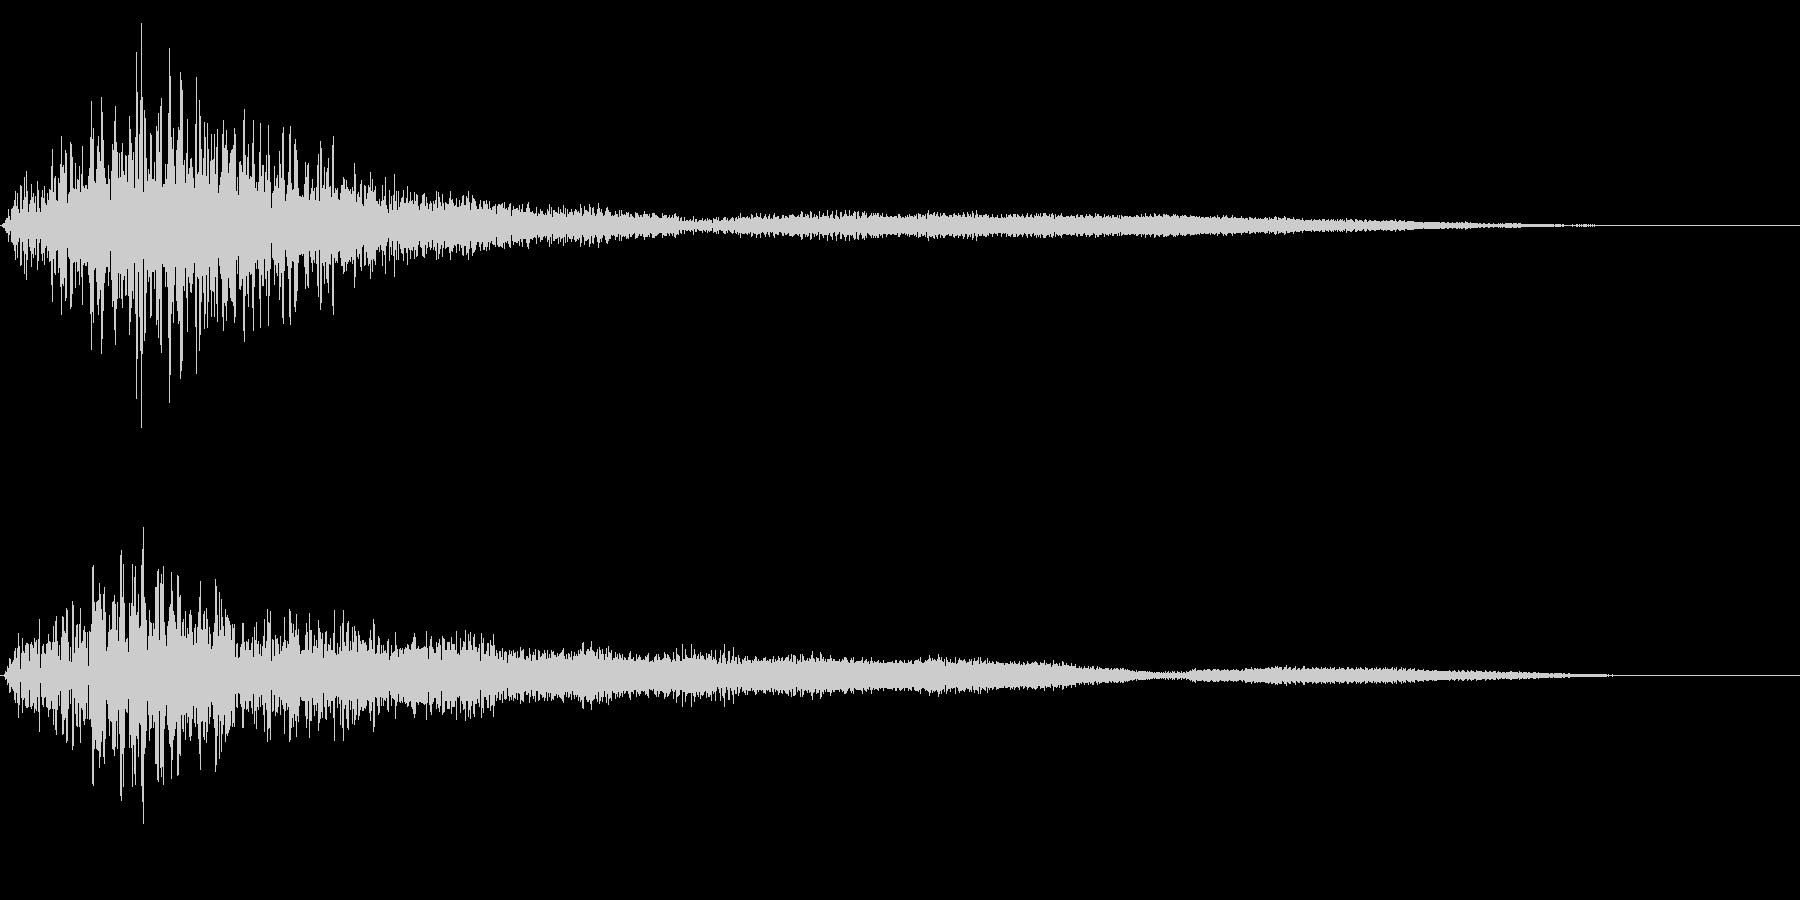 ホラー系アタック音53の未再生の波形